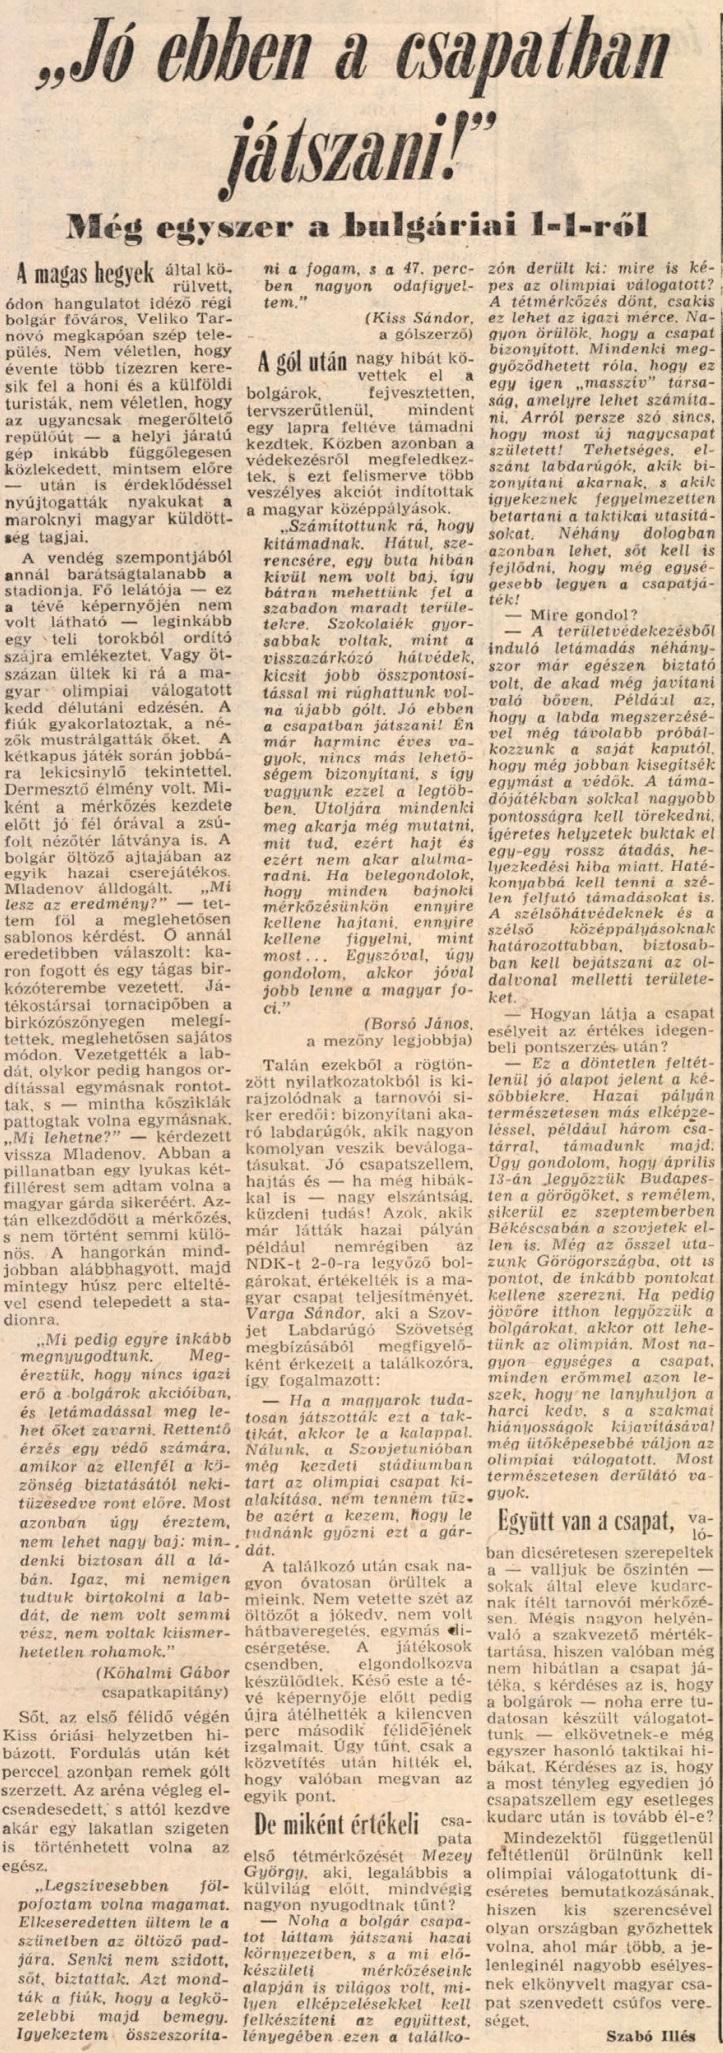 idokapszula_nb_i_1982_83_luxemburg_magyarorszag_eb-selejtezo_bulgaria_magyarorszag_2.jpg